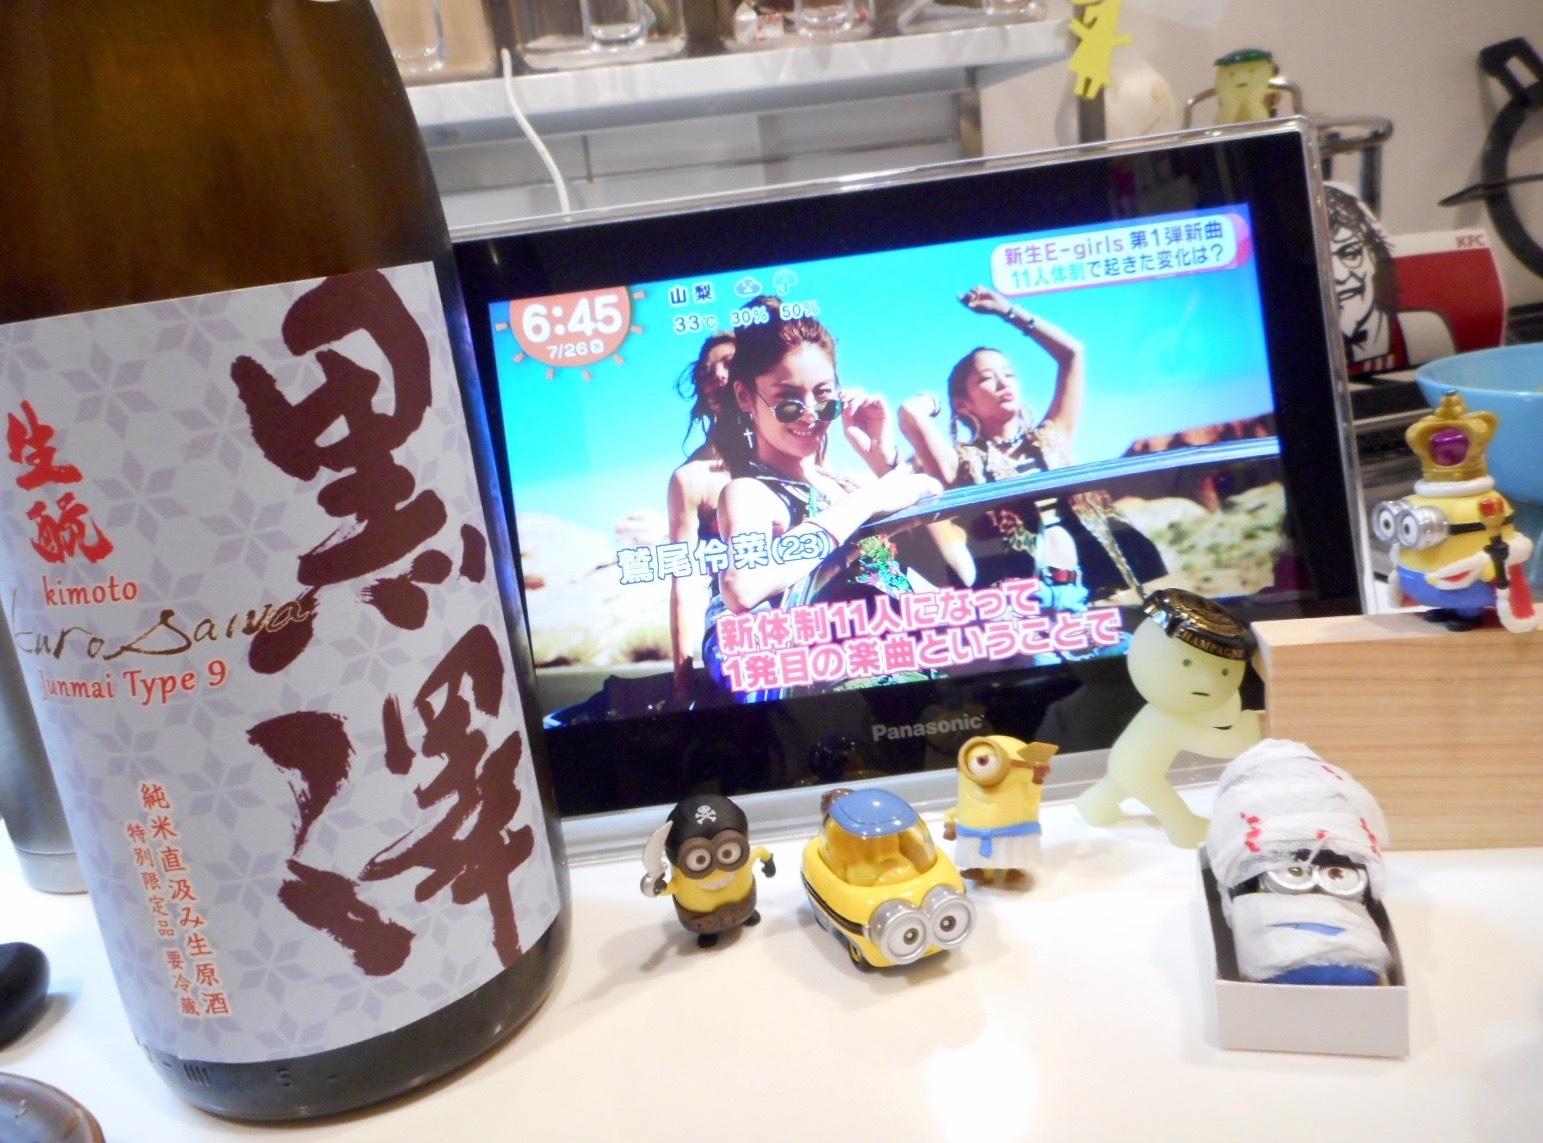 kurosawa_type9_28by13.jpg